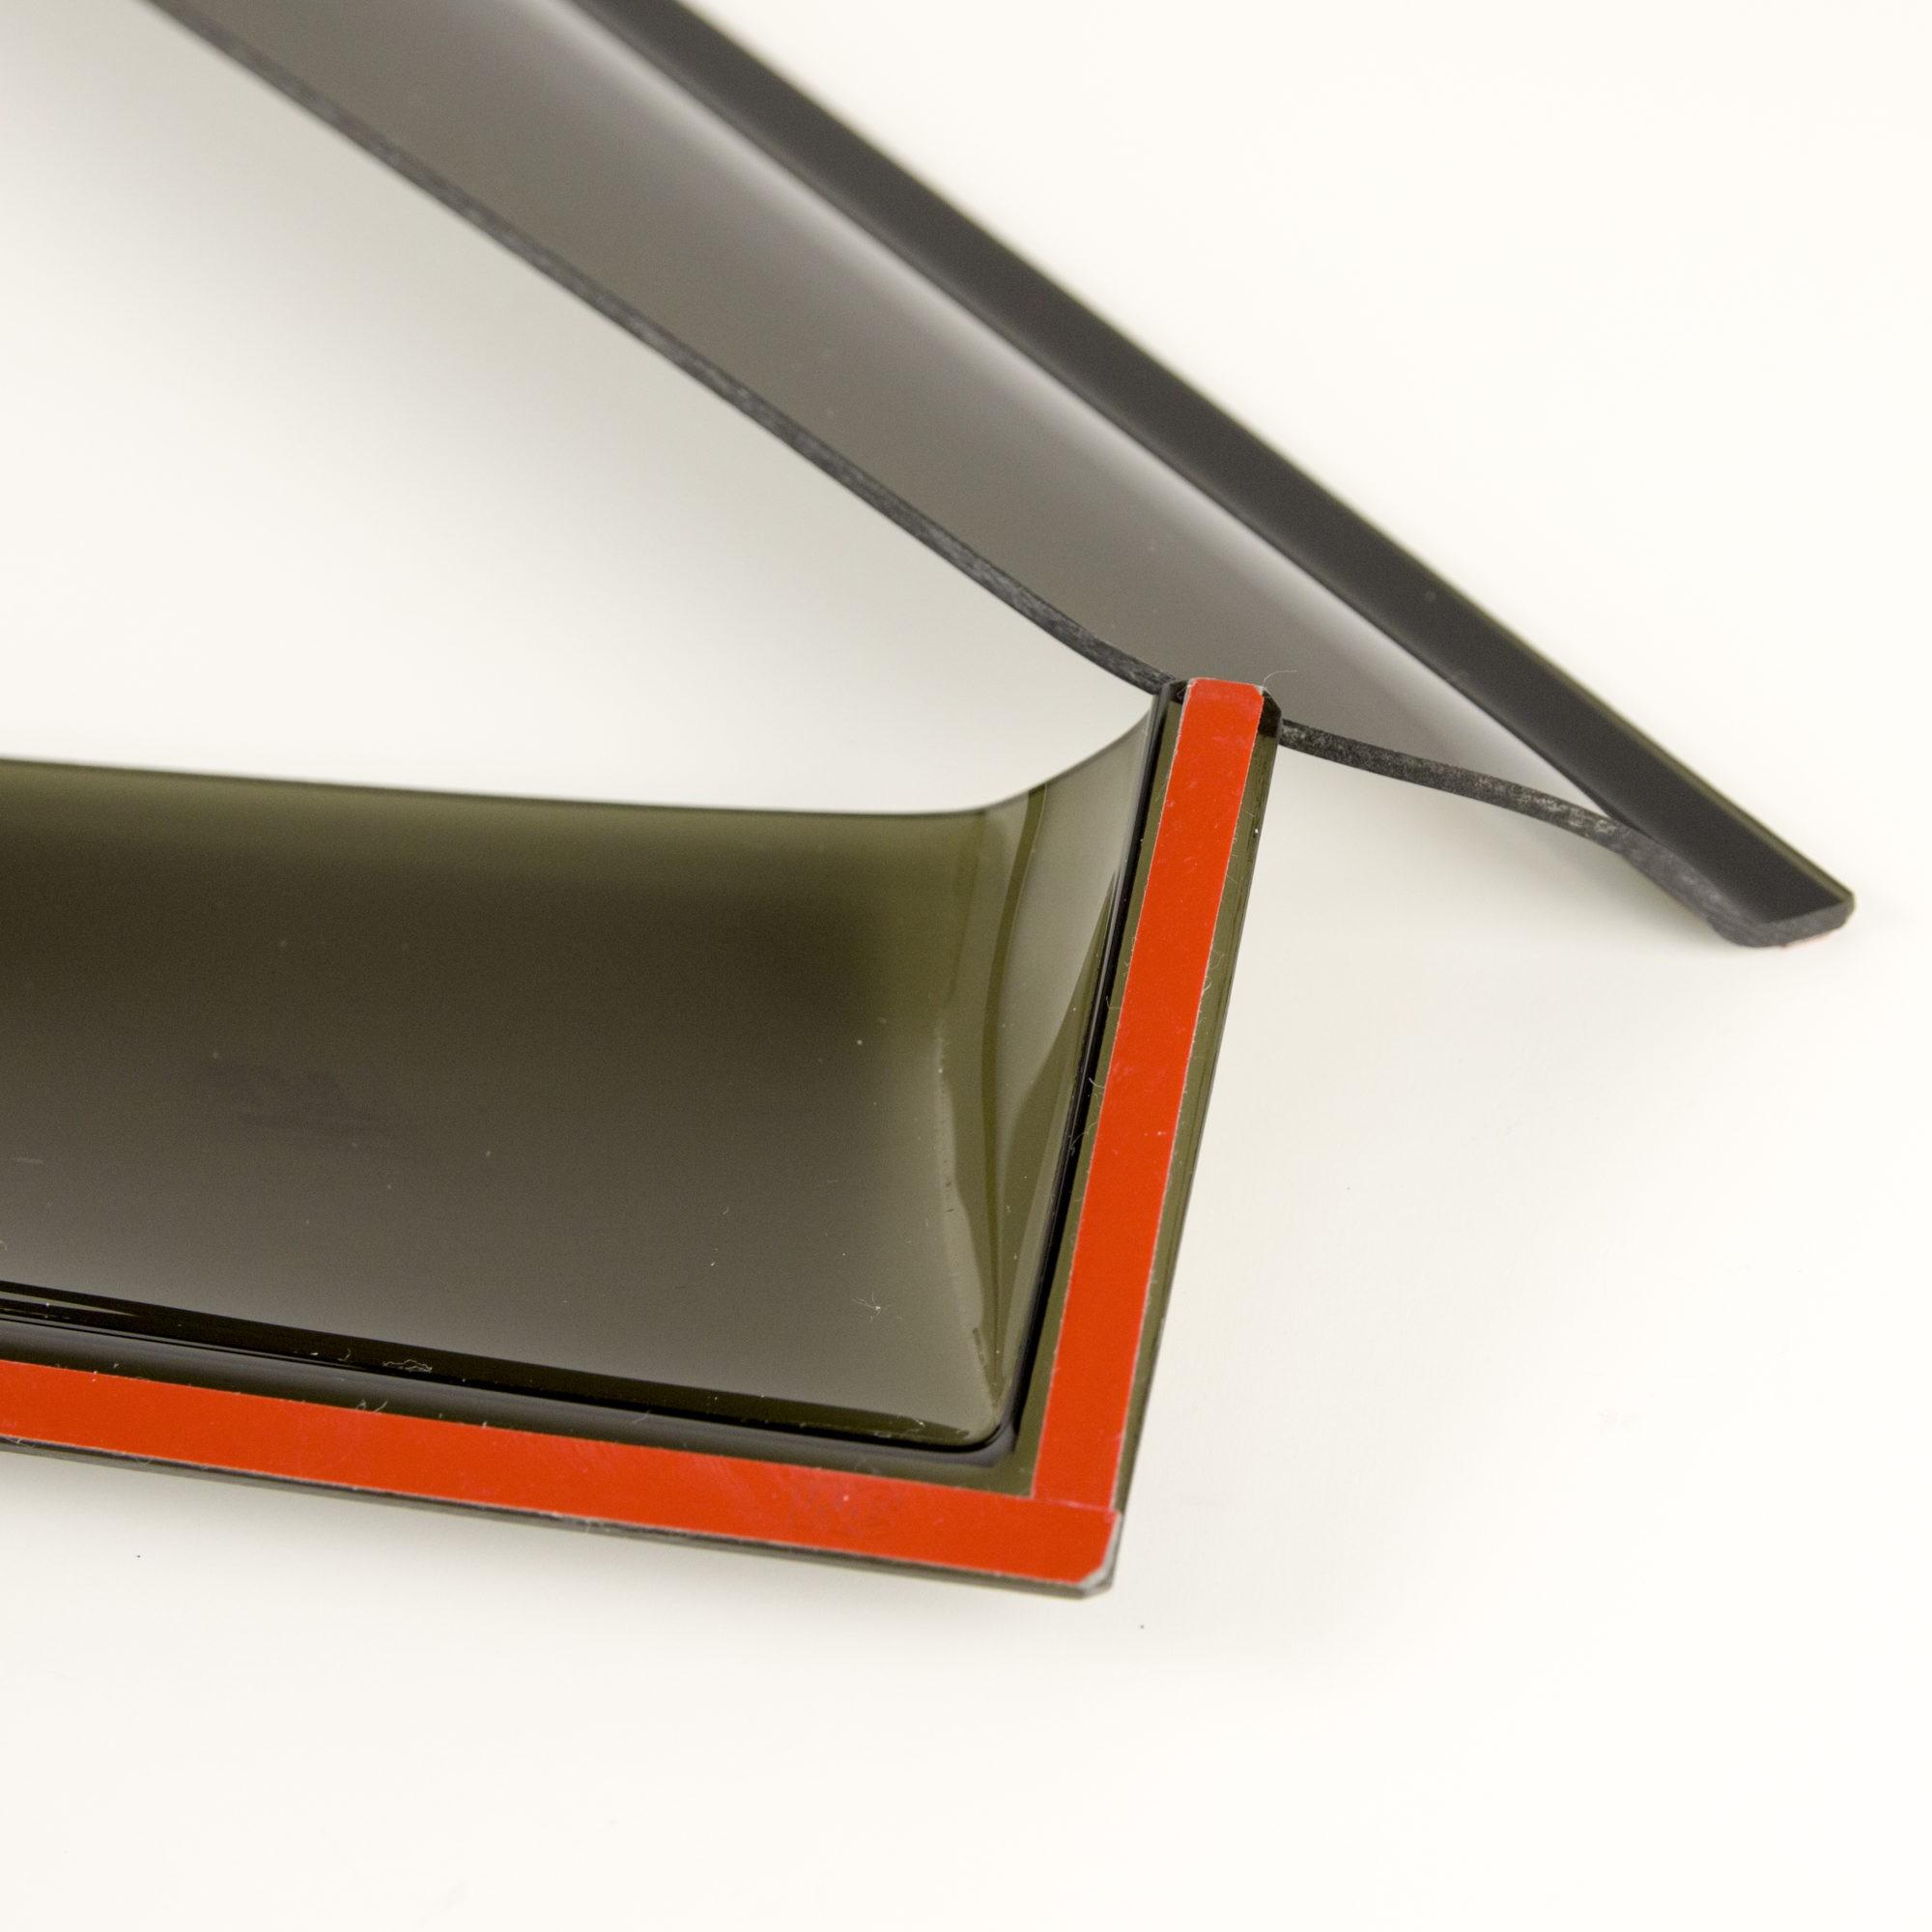 Дефлекторы боковых стекол (ветровики) Cobra Tuning для LADA Niva Legend с 2009 г.в.(21213)